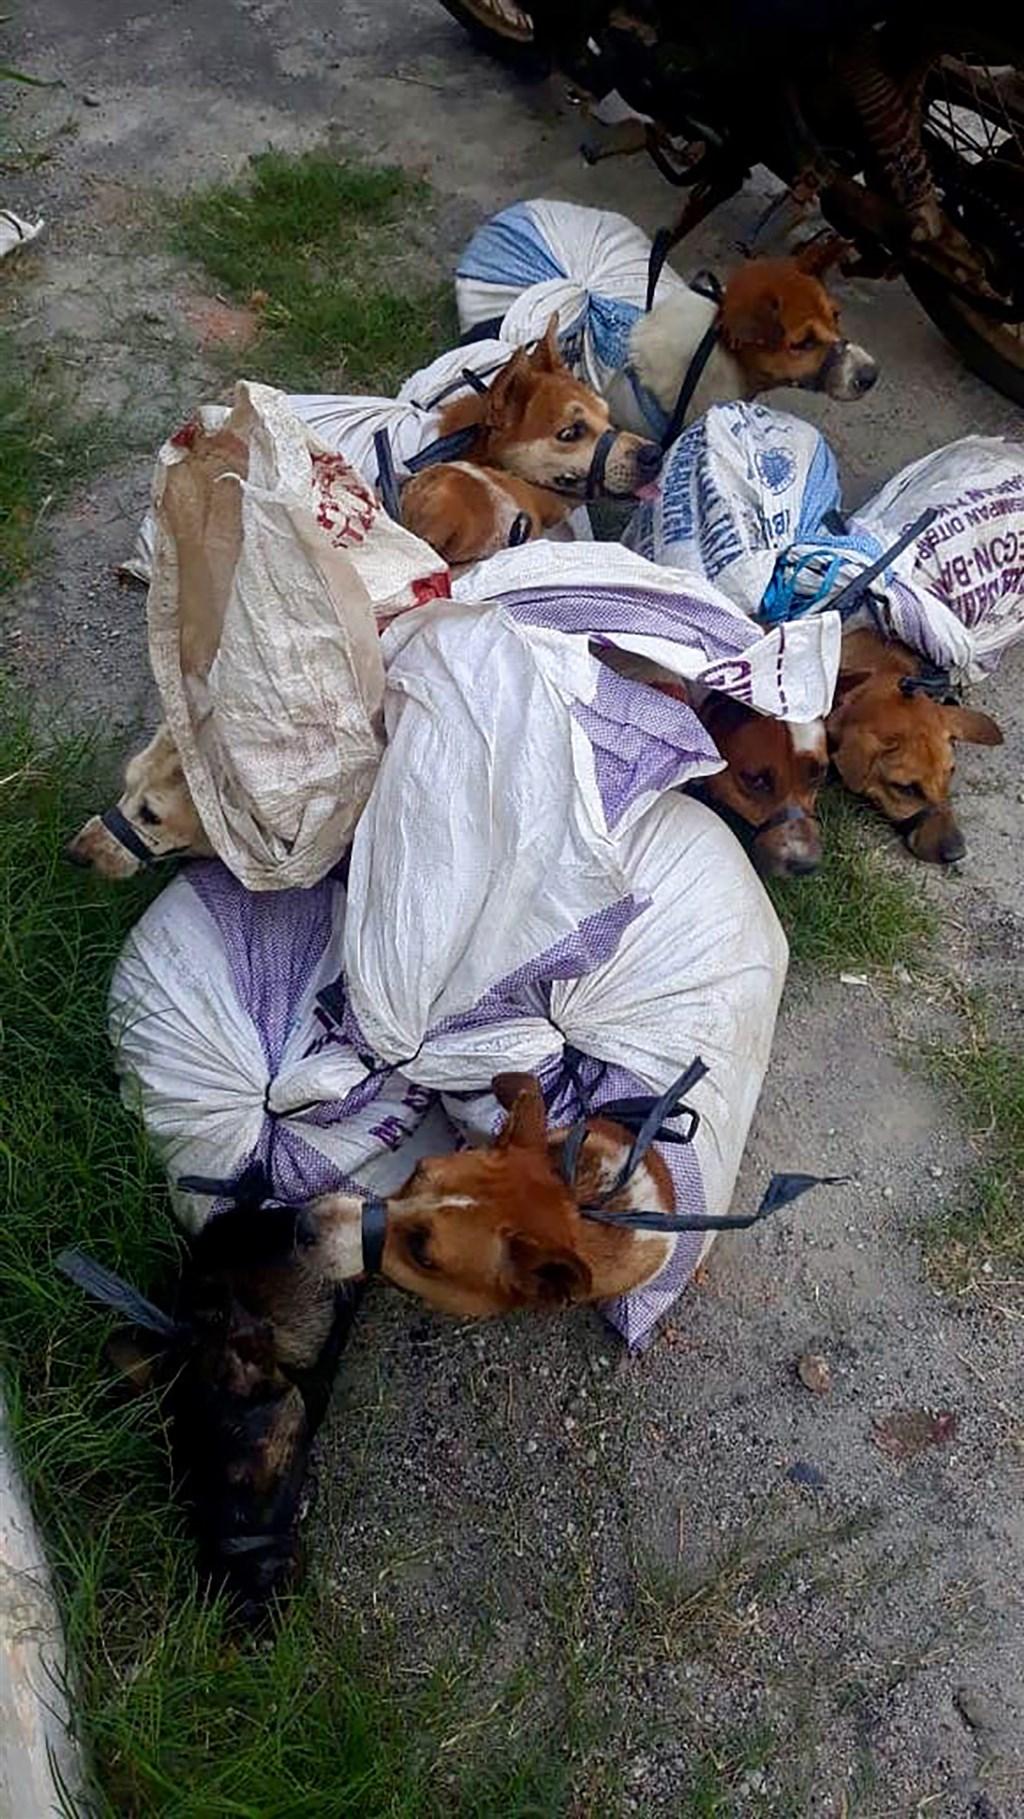 印尼動保團體調查,印尼每年有超過一百萬隻狗被屠宰食用,許多狗被捕後,四肢和頭、嘴部都被綁上繩索,裝入麻布袋,送到屠宰場。(雅加達佩加天動物收容所提供)中央社記者石秀娟雅加達傳真 109年9月6日